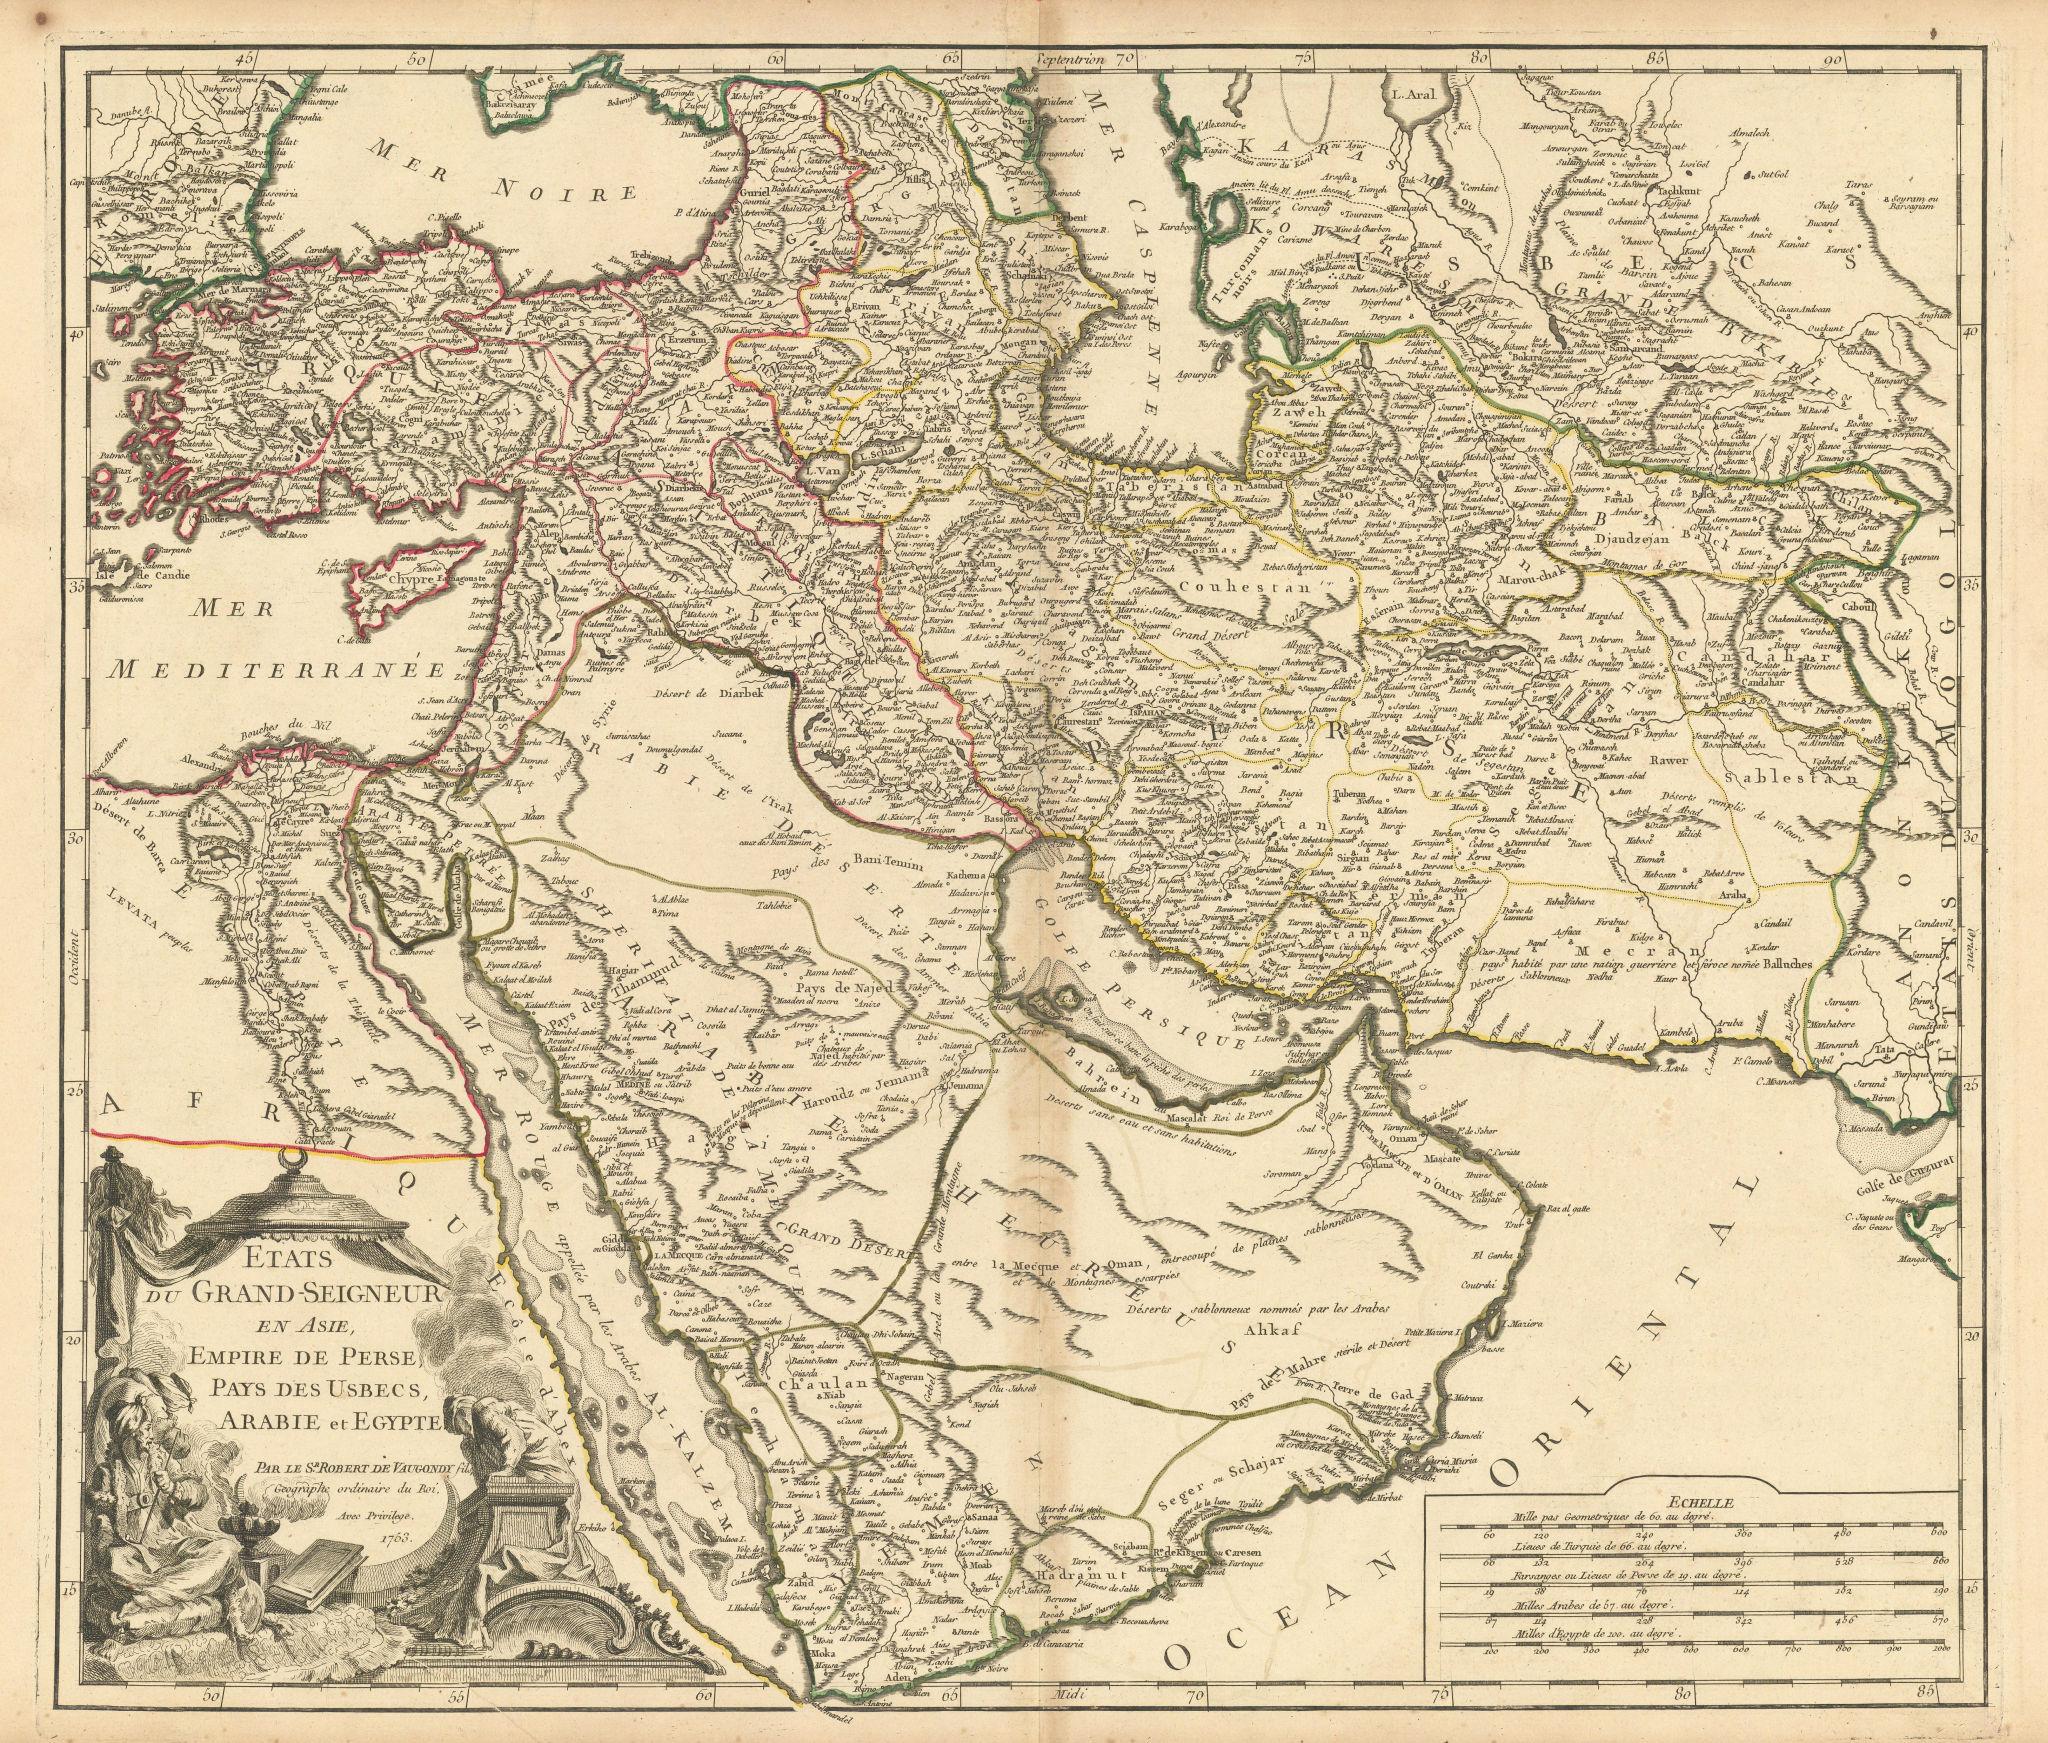 """""""Etats Grand-Seigneur en Asie…"""" Middle East Arabia SW Asia. VAUGONDY 1753 map"""